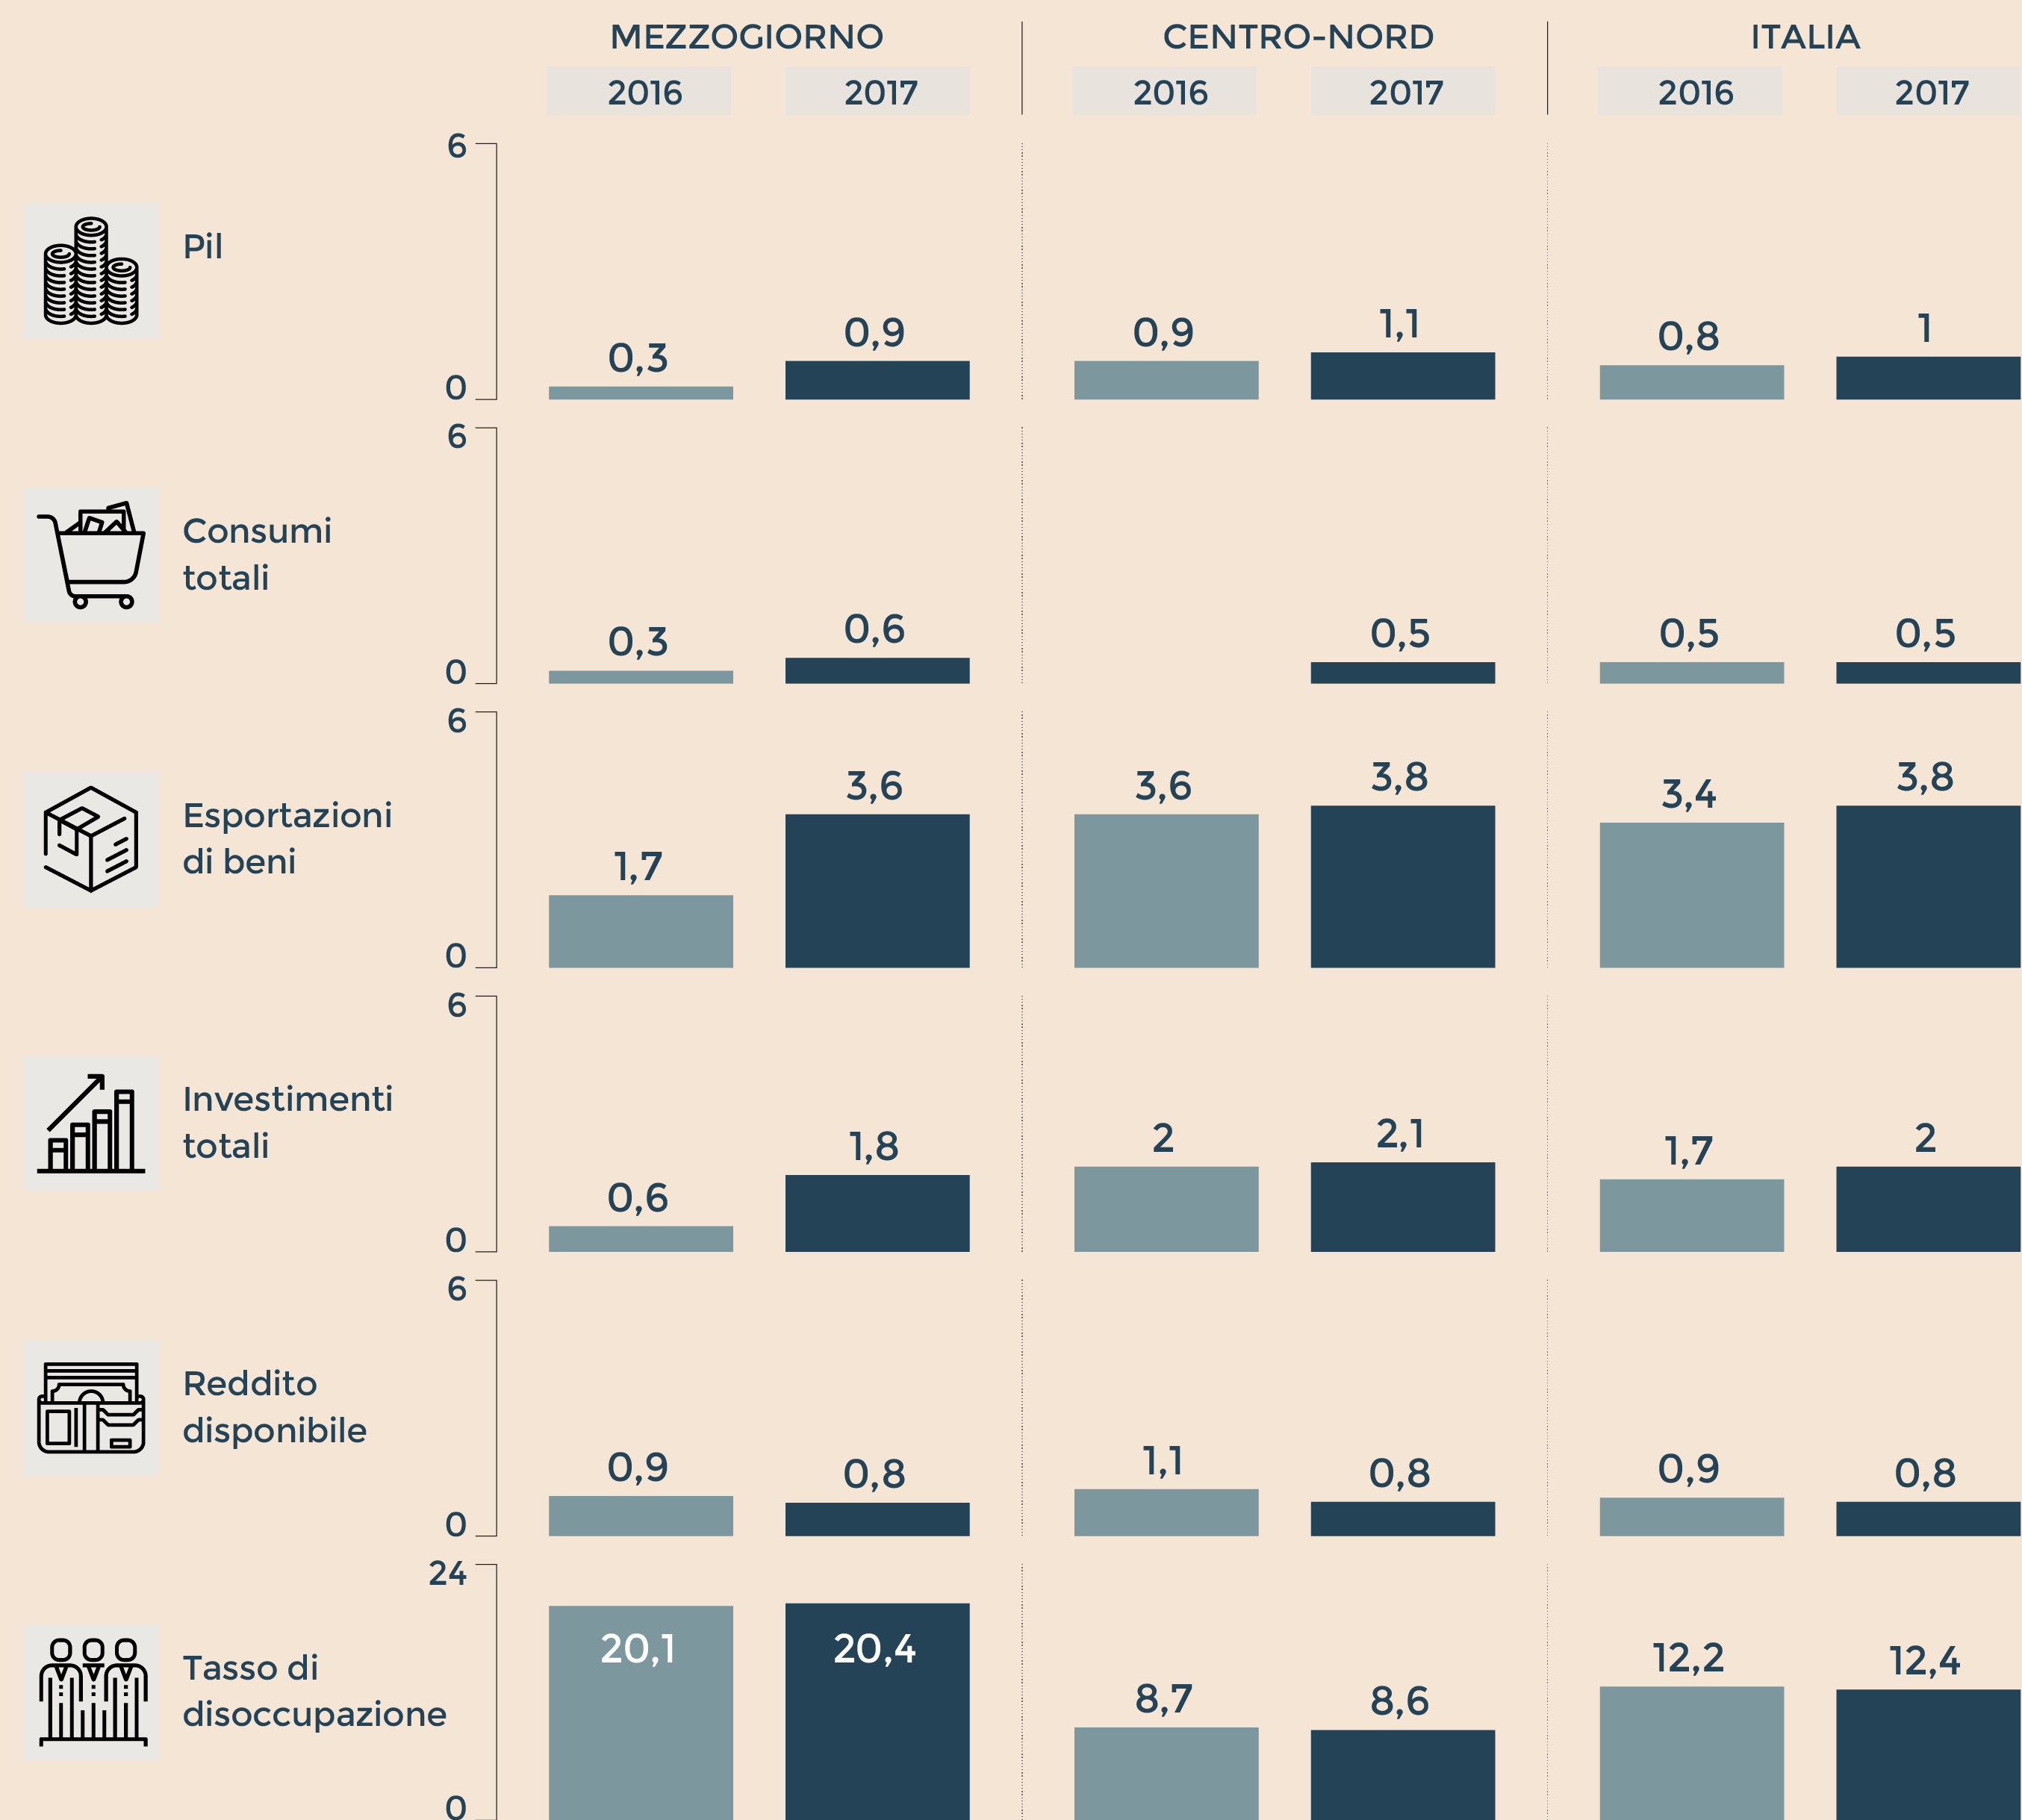 Il quadro macro economico previsioni per alcune variabili macroeconomiche variazioni fonte rapporto svimez